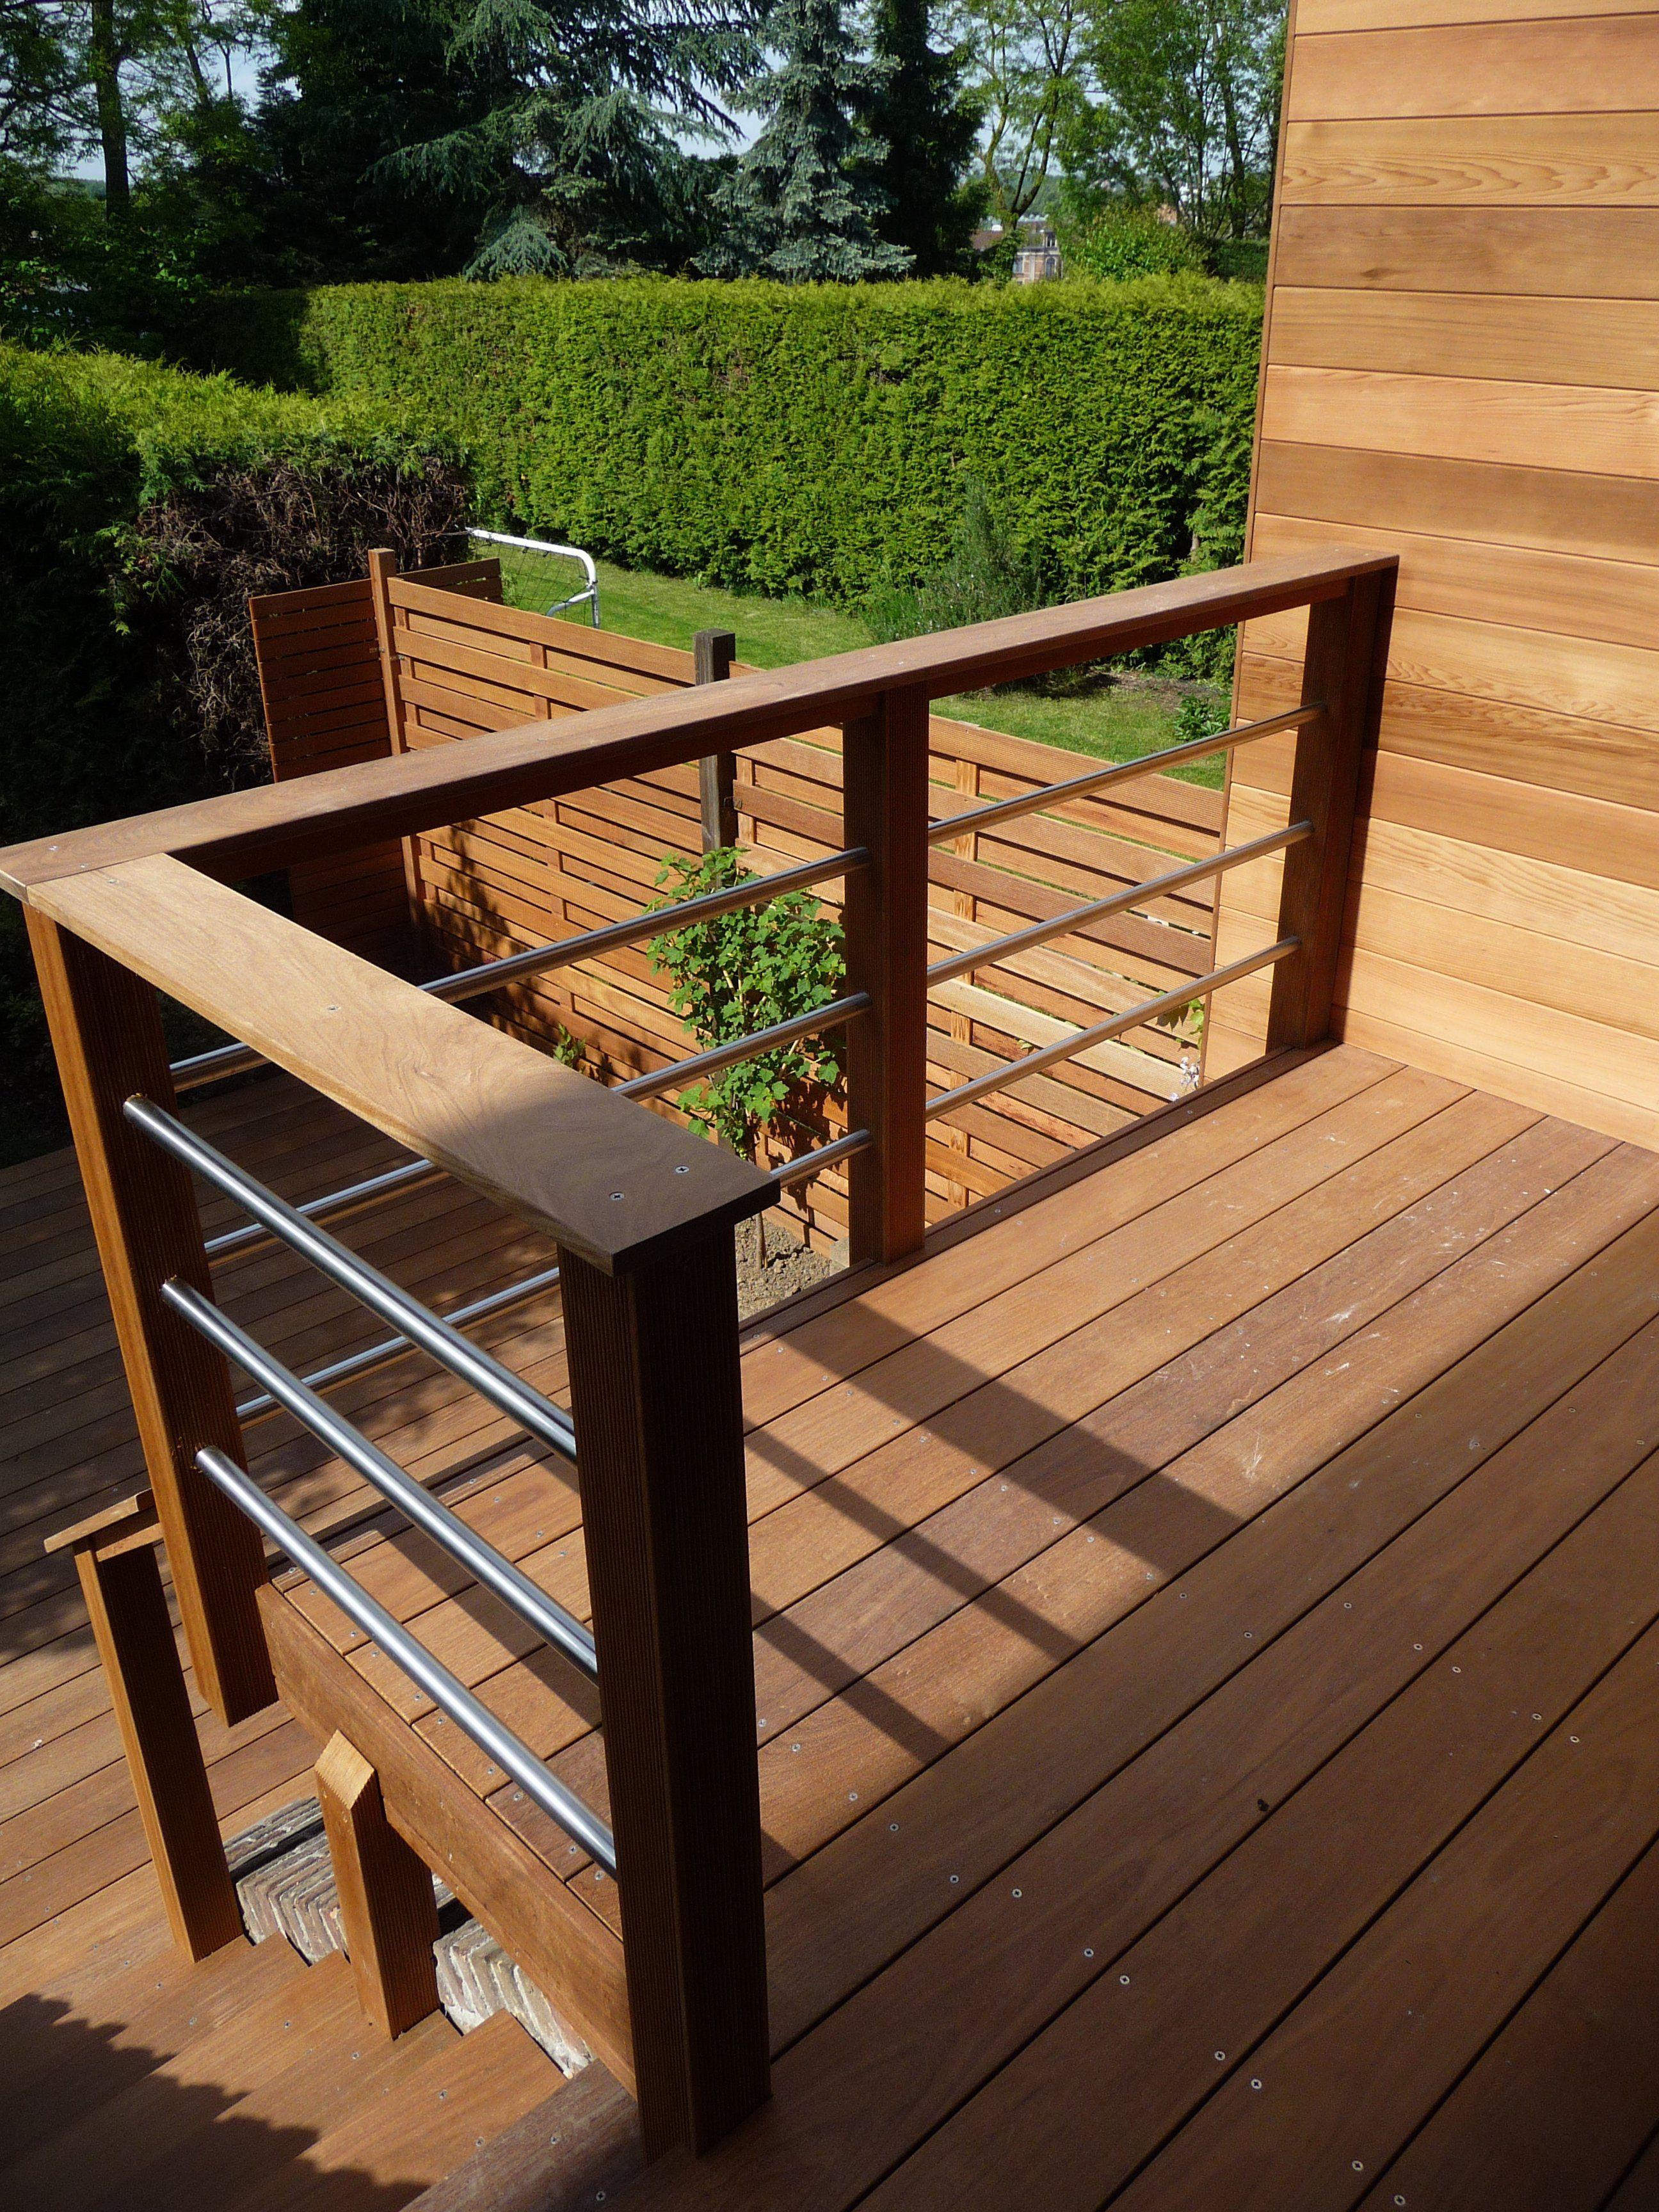 Terrasse Bois Et Fer terrasses suspendues   les sens du bois   terrasse suspendue